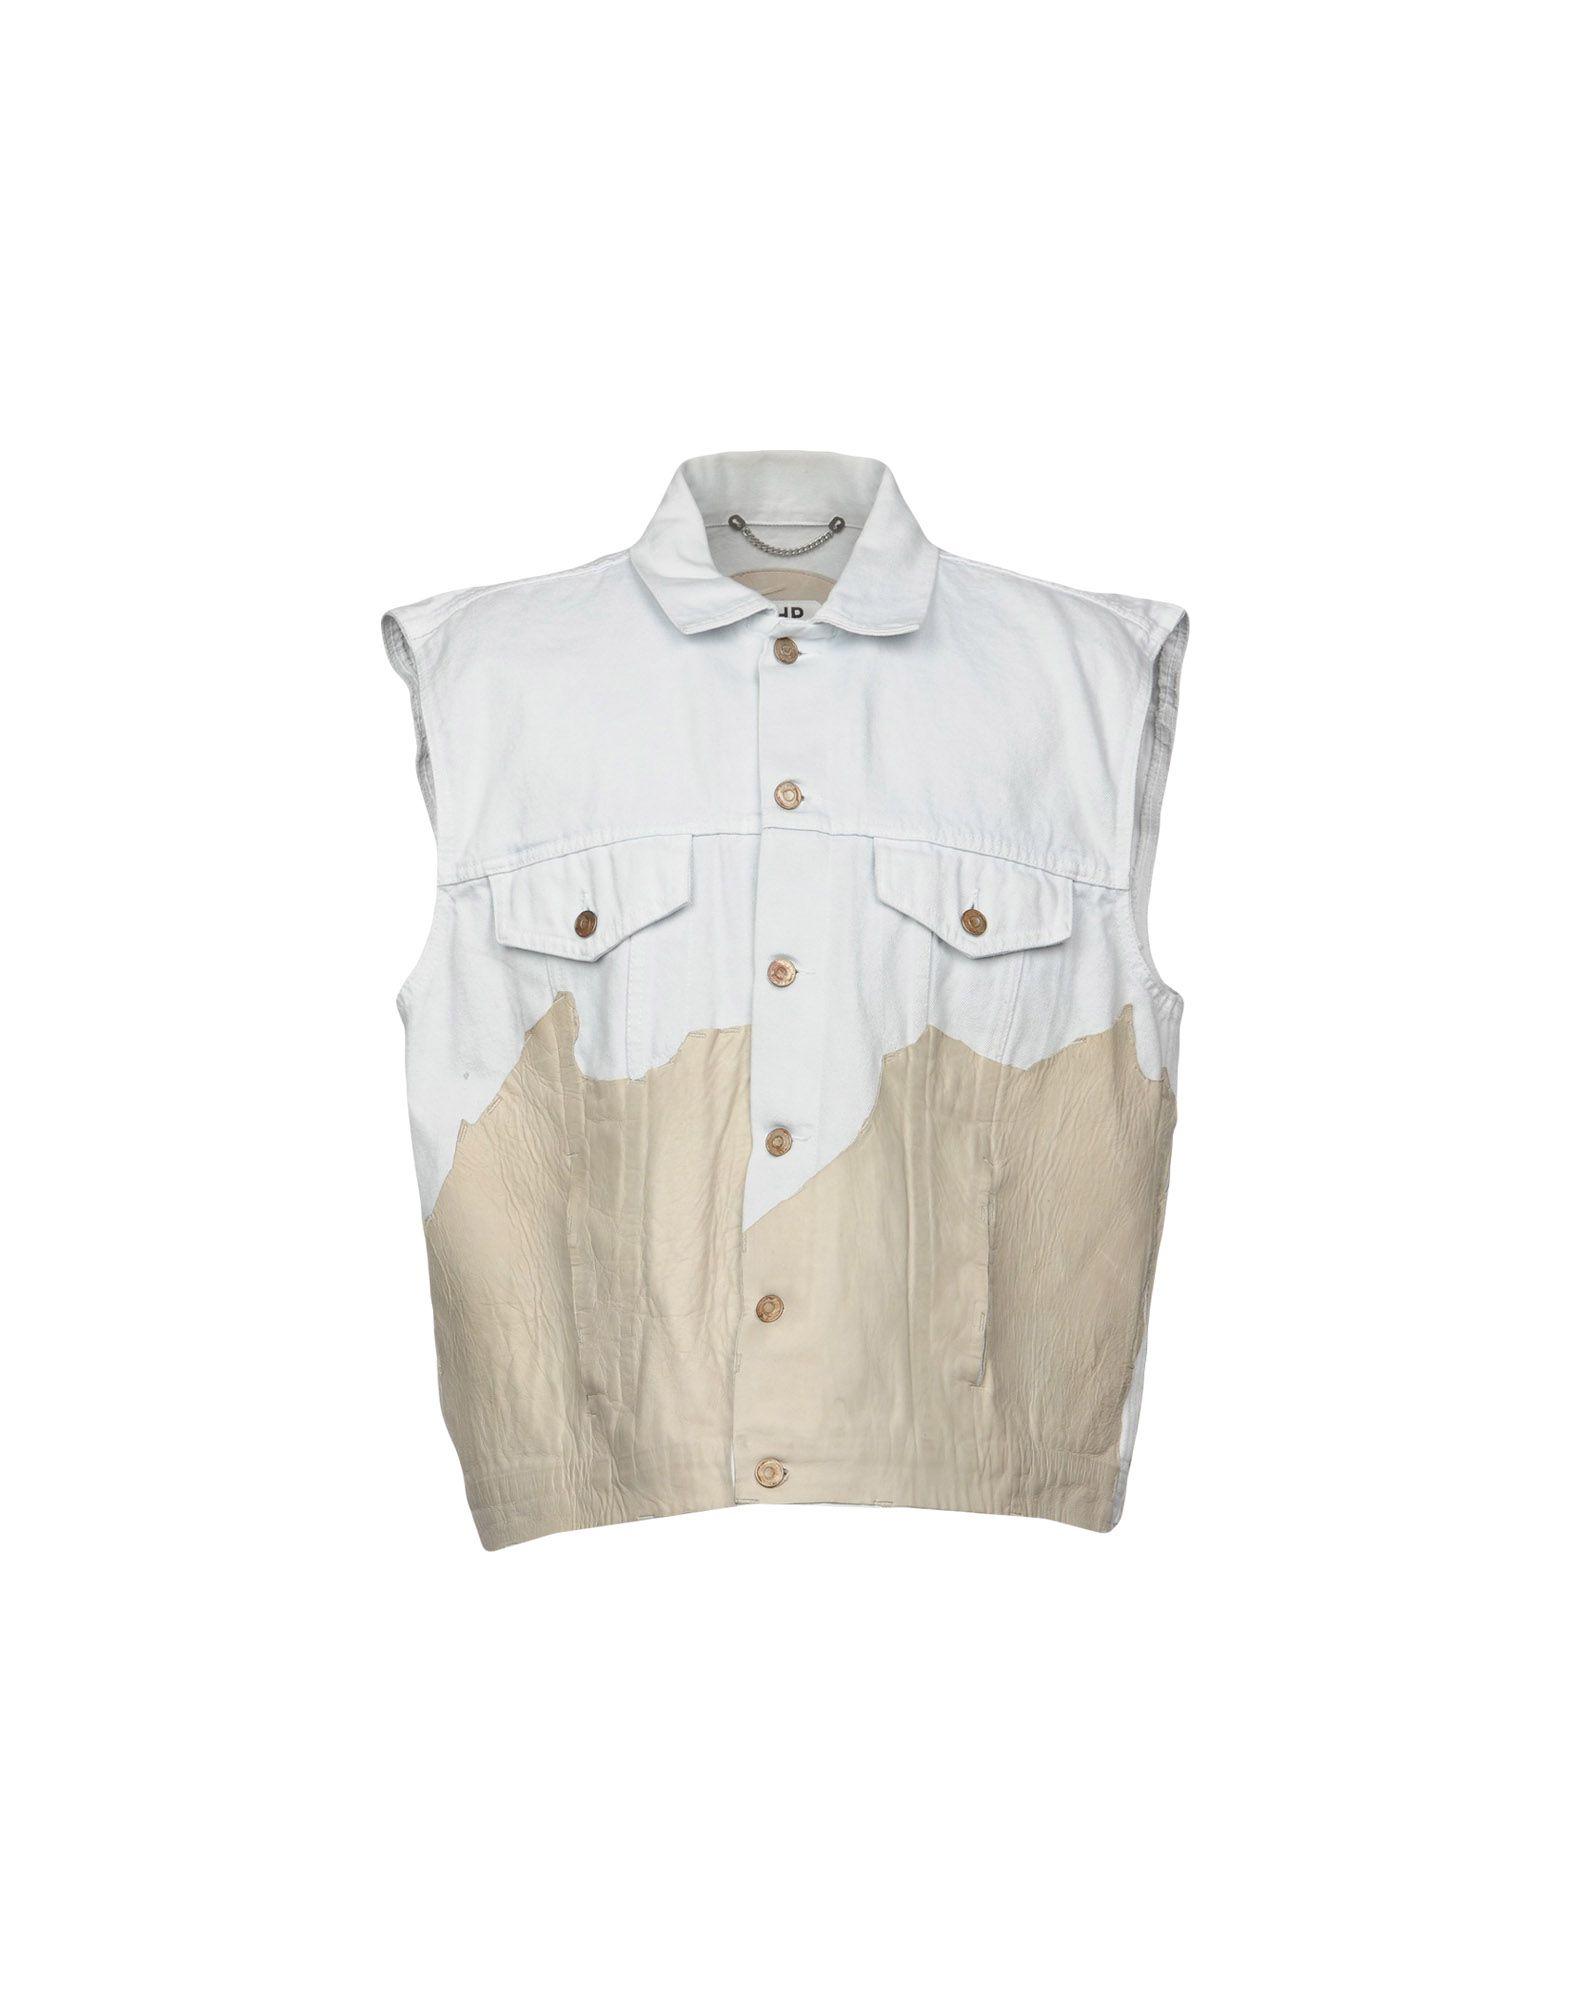 PIHAKAPI Джинсовая верхняя одежда верхняя одежда